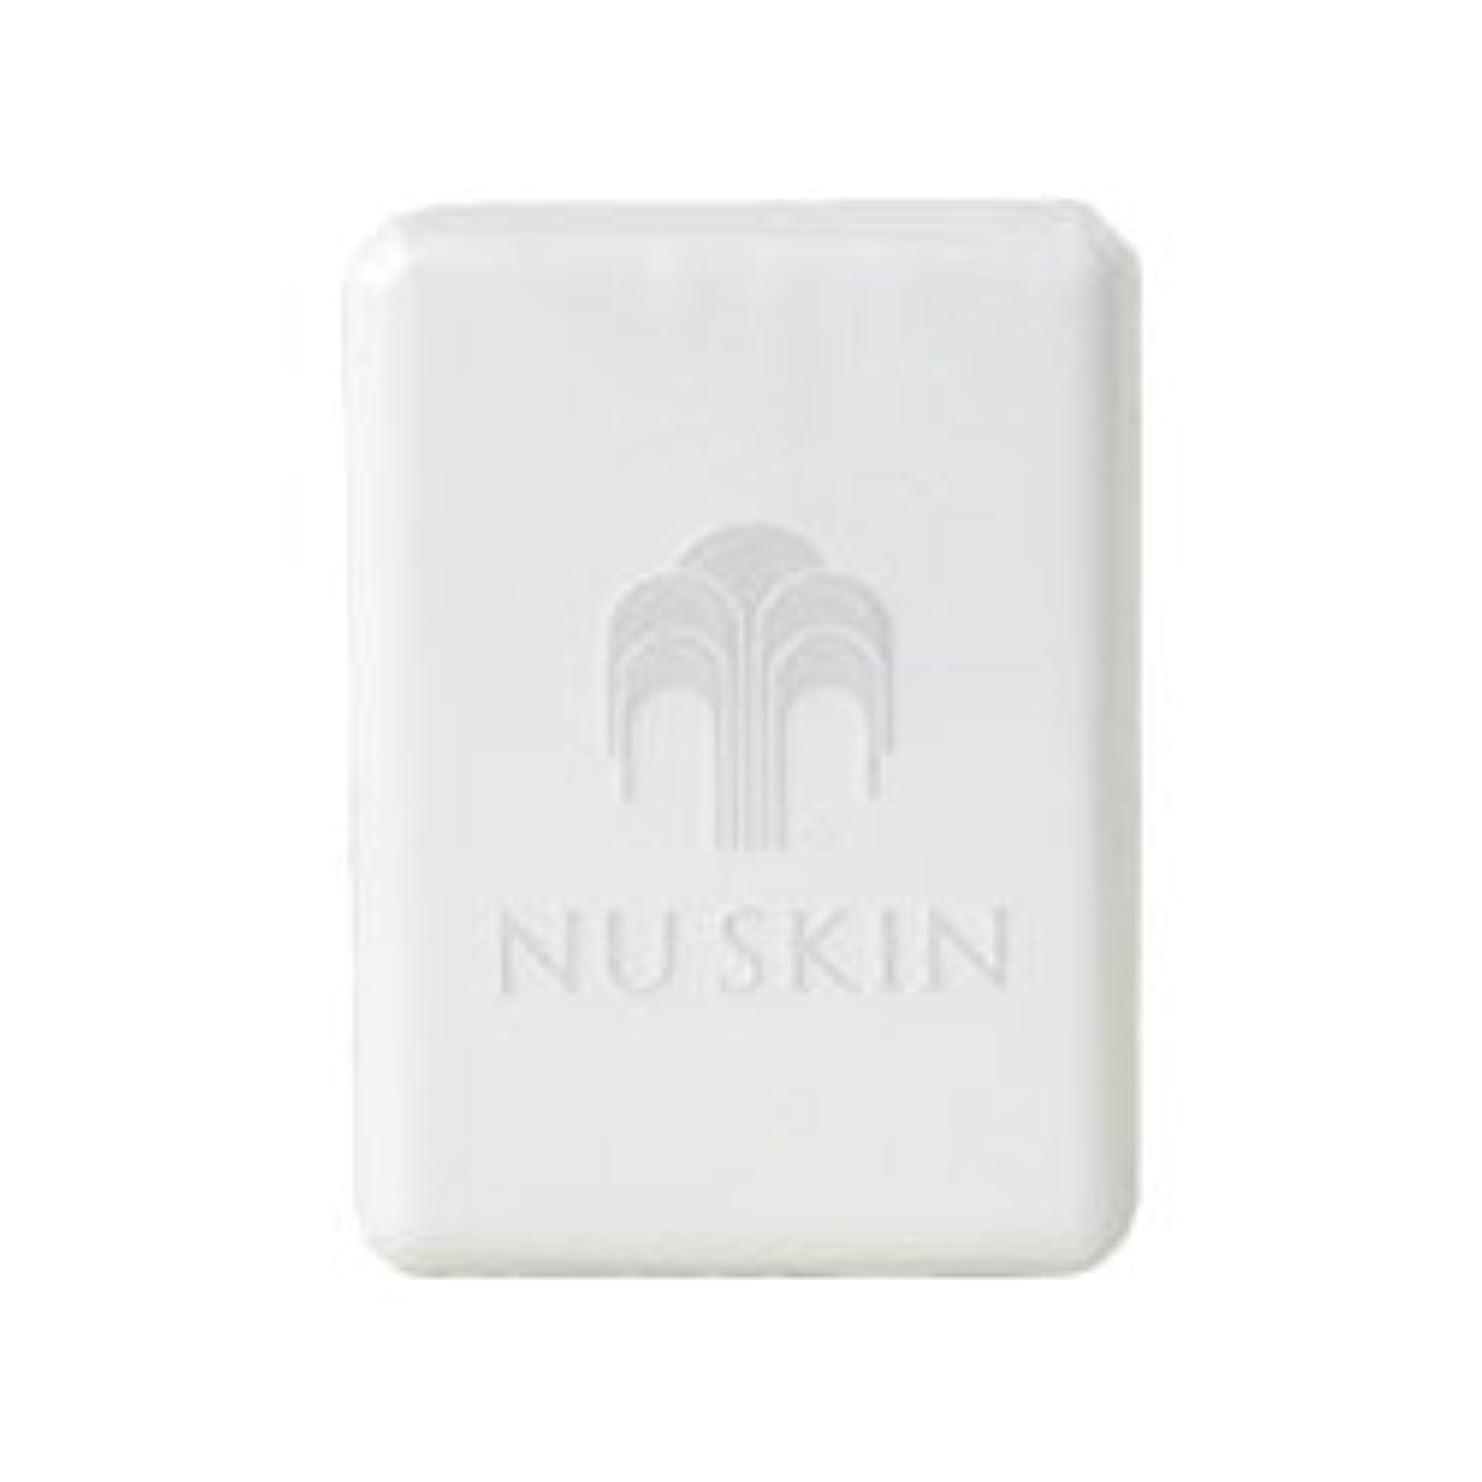 ポーズトライアスロン発表するニュースキン NU SKIN ボディーバー 03110353